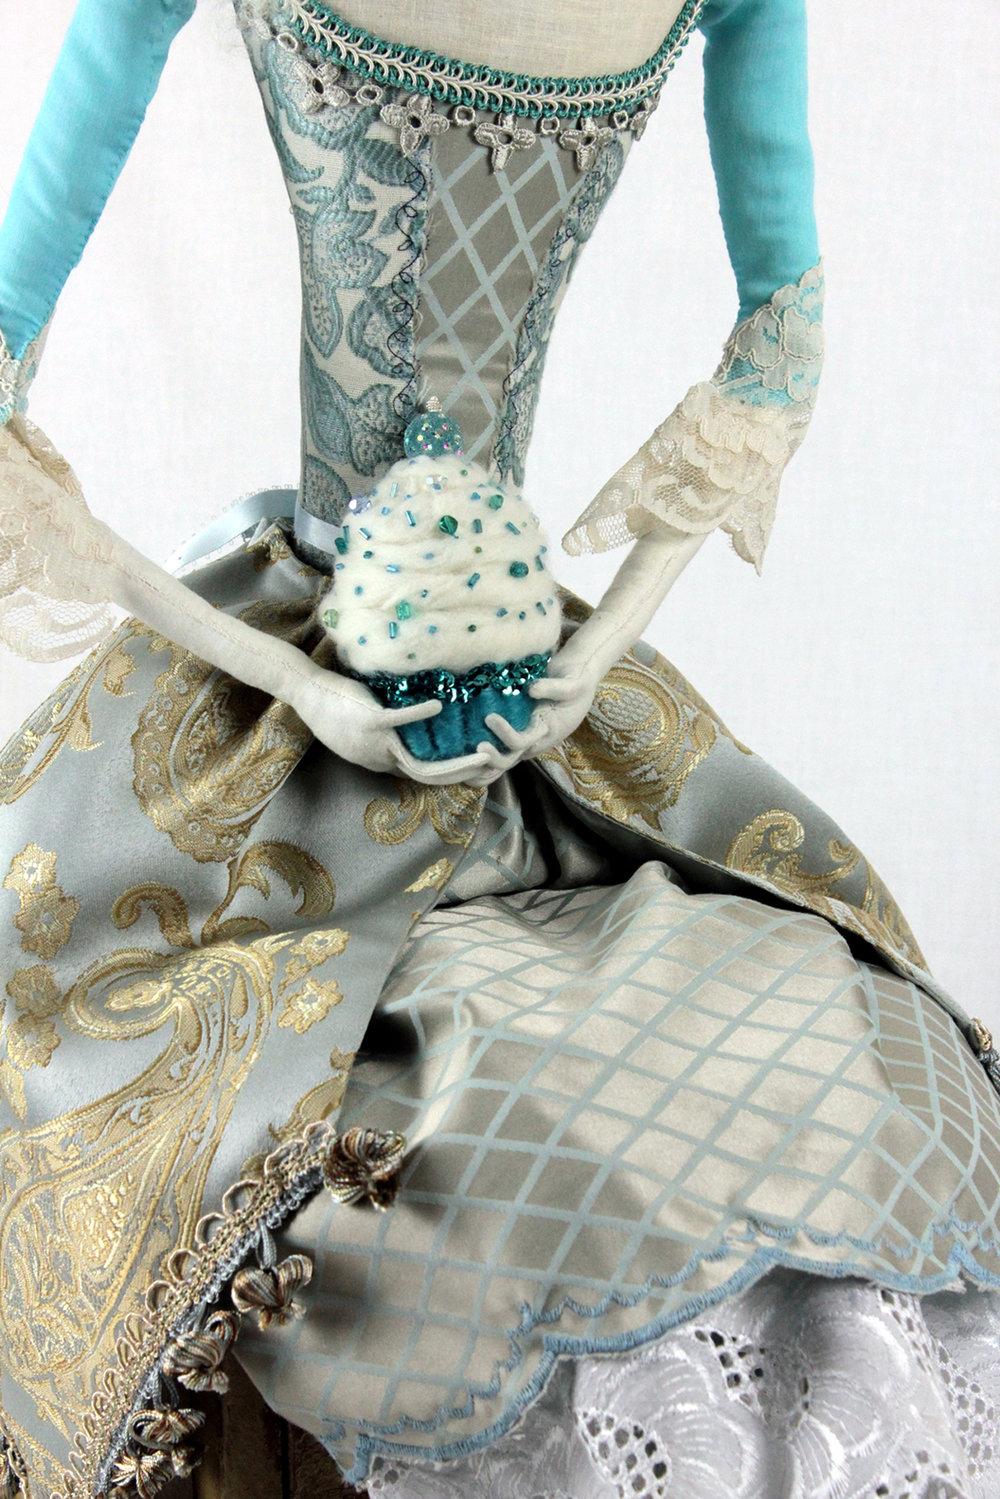 Storybook Marie Antoinette (detail)